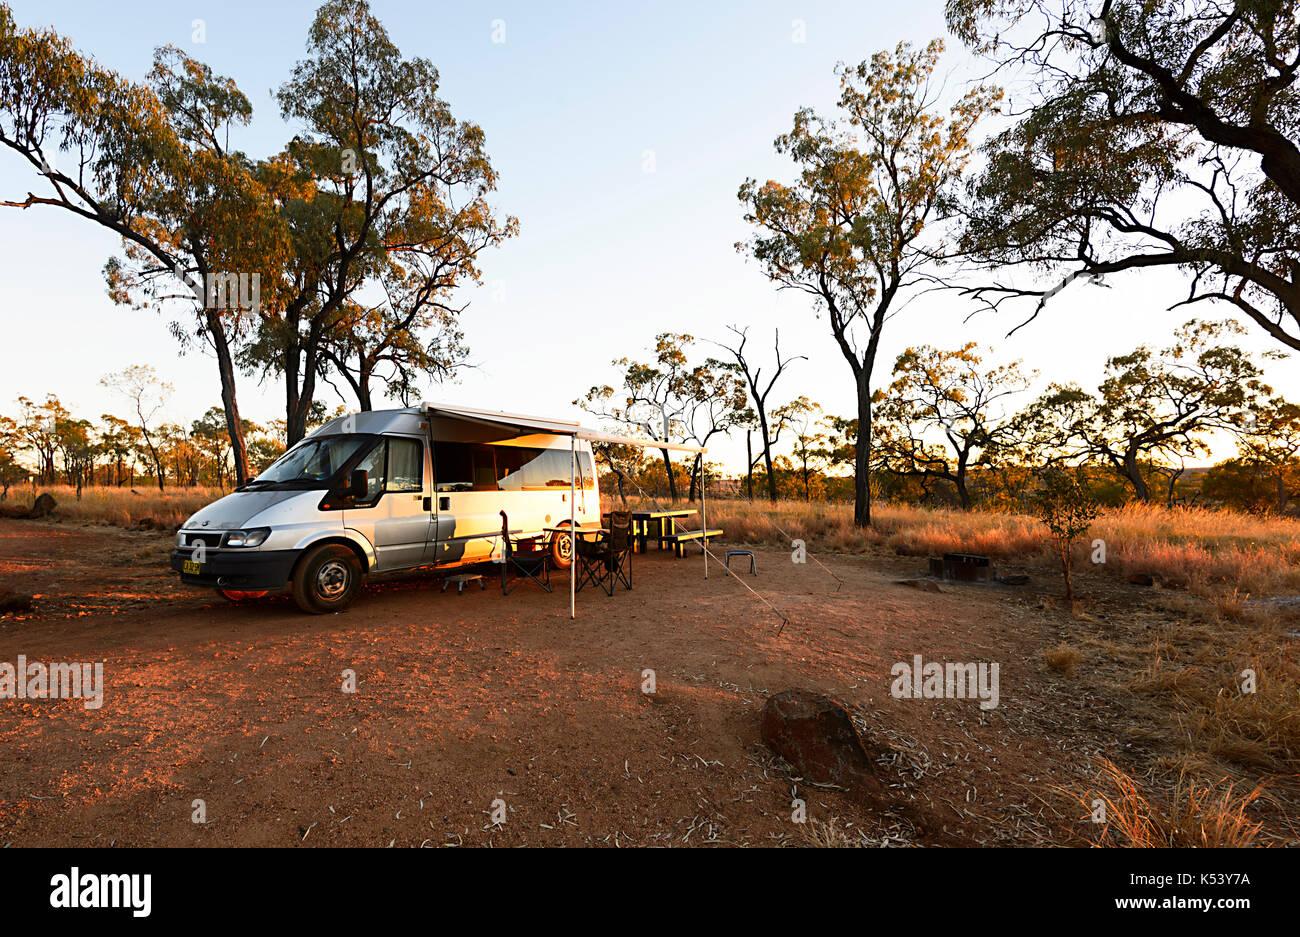 Ford Transit Wohnmobil bush Camping in Porcupine Gorge National Park, Queensland, Queensland, Australien Stockbild